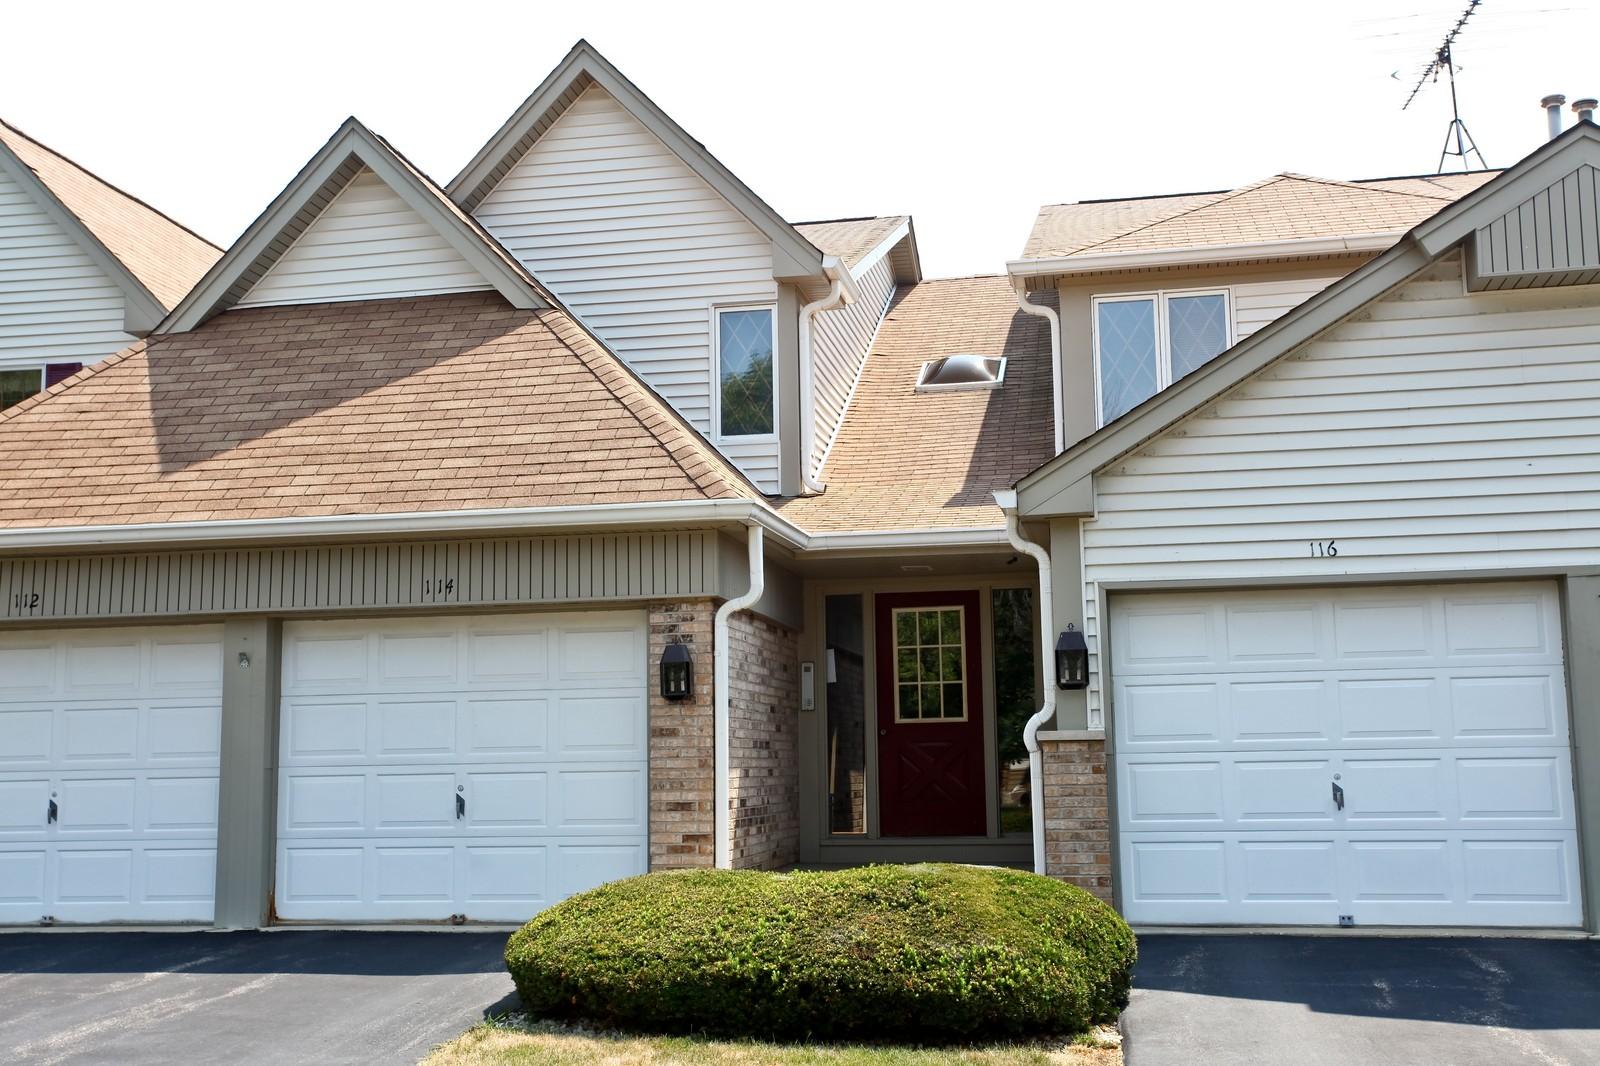 Real Estate Photography - 114 Millington, Unit 114, Saint Charles, IL, 60174 - Front View